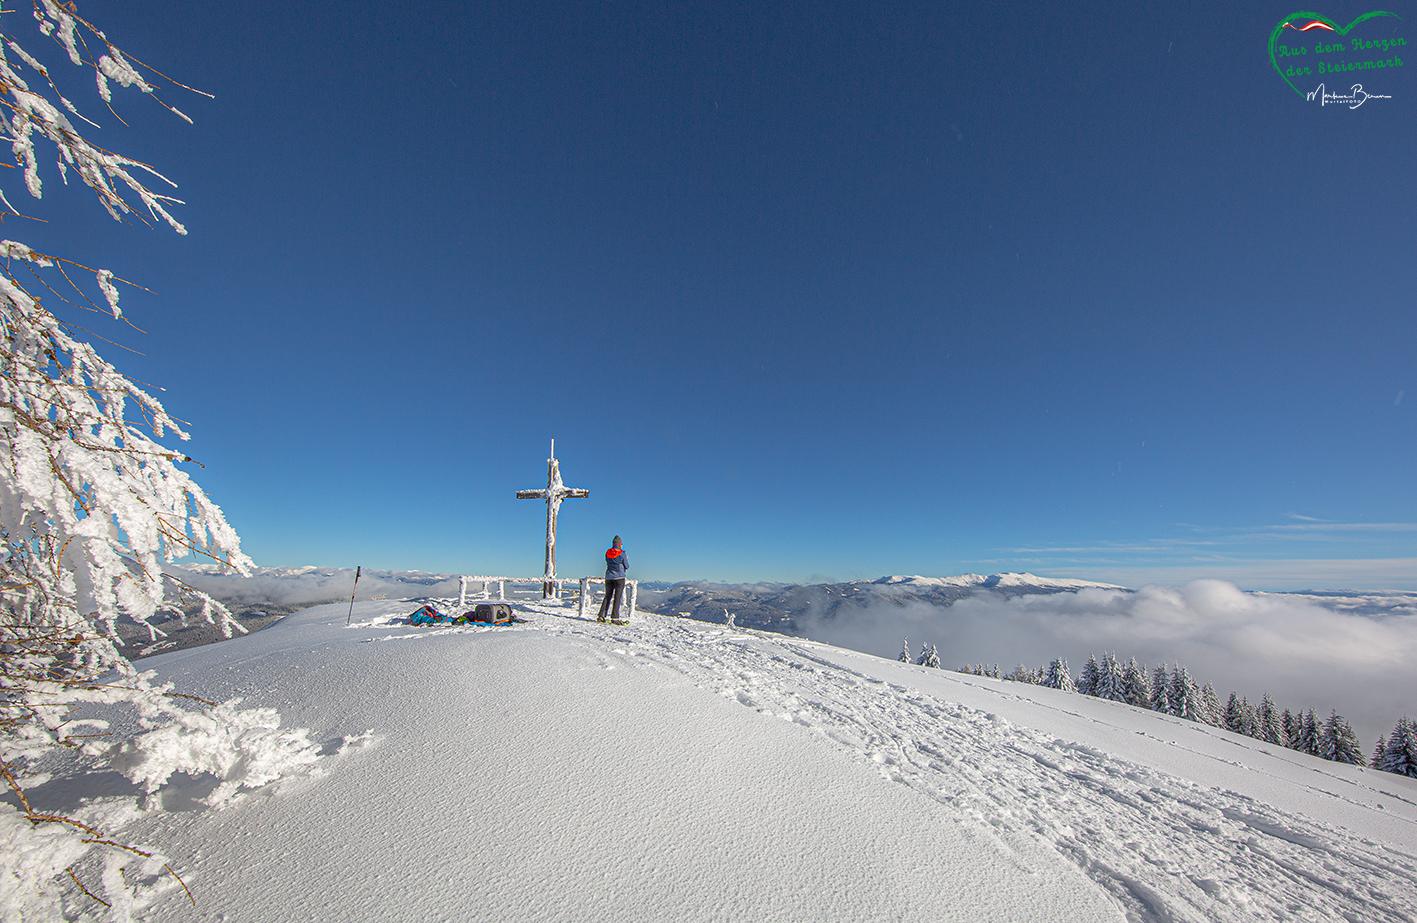 Gipfel_Pleschaitz_Marianne_2A8A8281